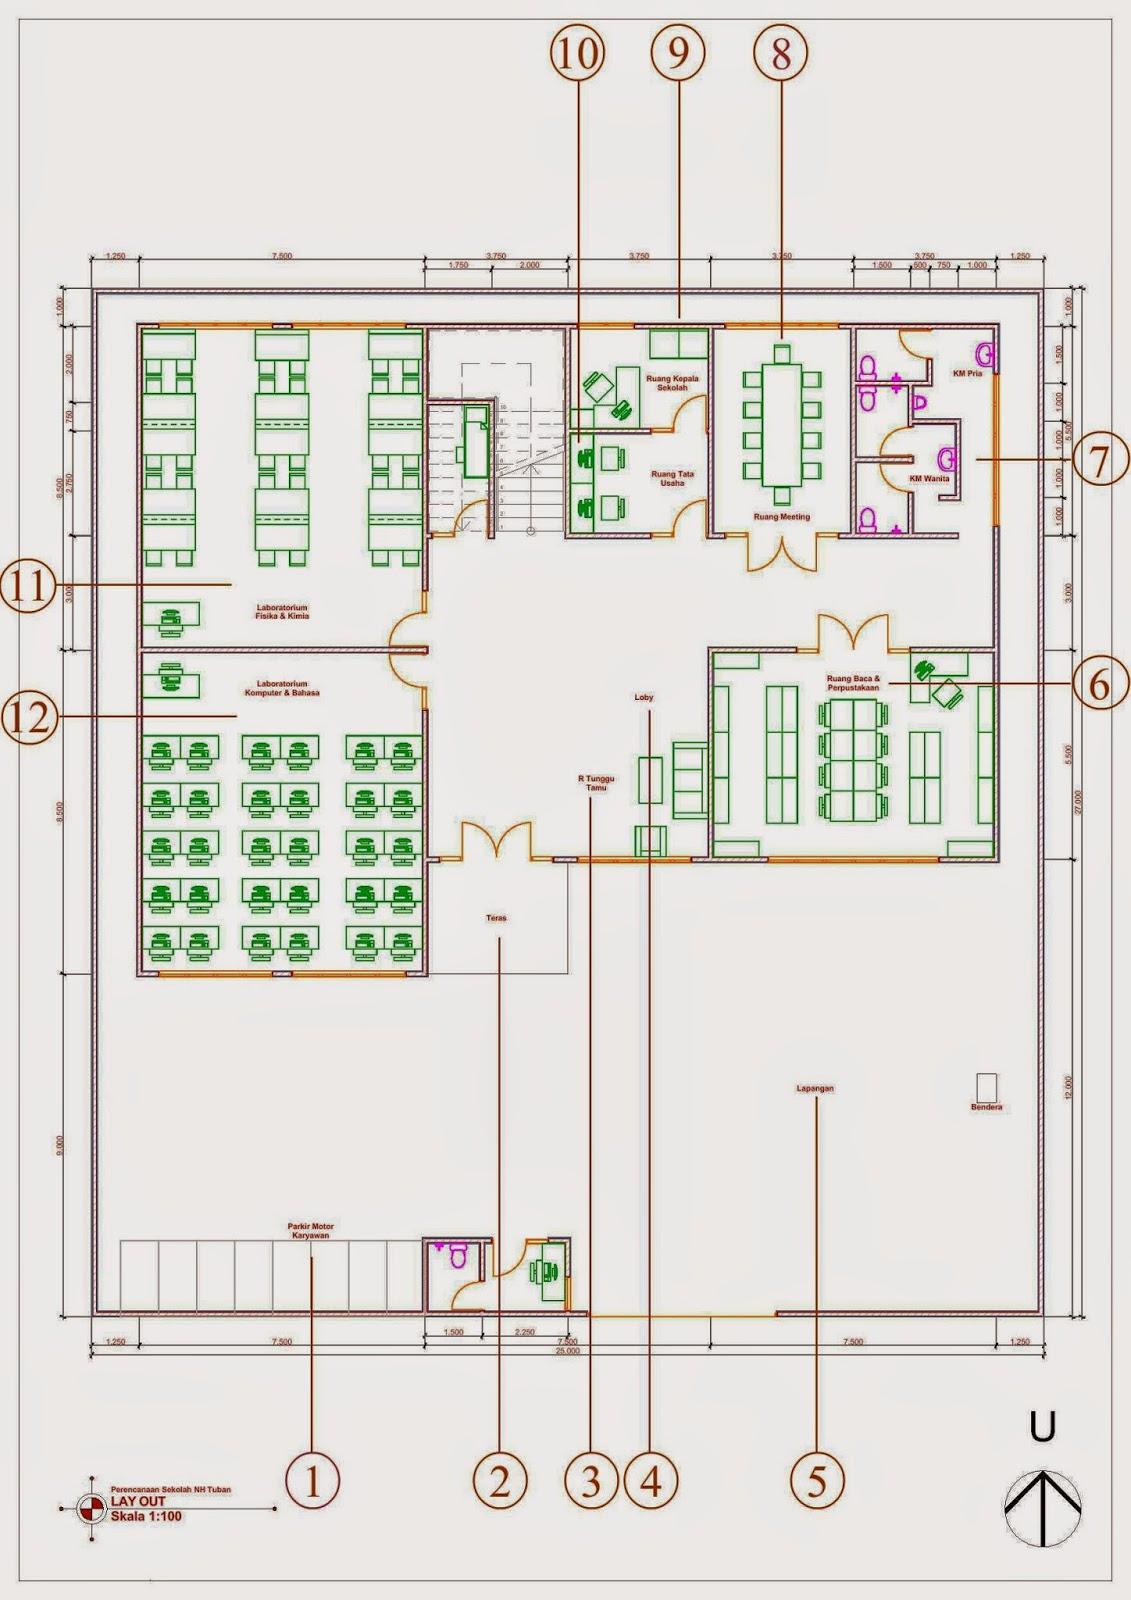 Desain Gedung Sekolah 3 Lantai : desain, gedung, sekolah, lantai, Desain, Sekolah, Minimalis, Hubungi, 082.33333.9949